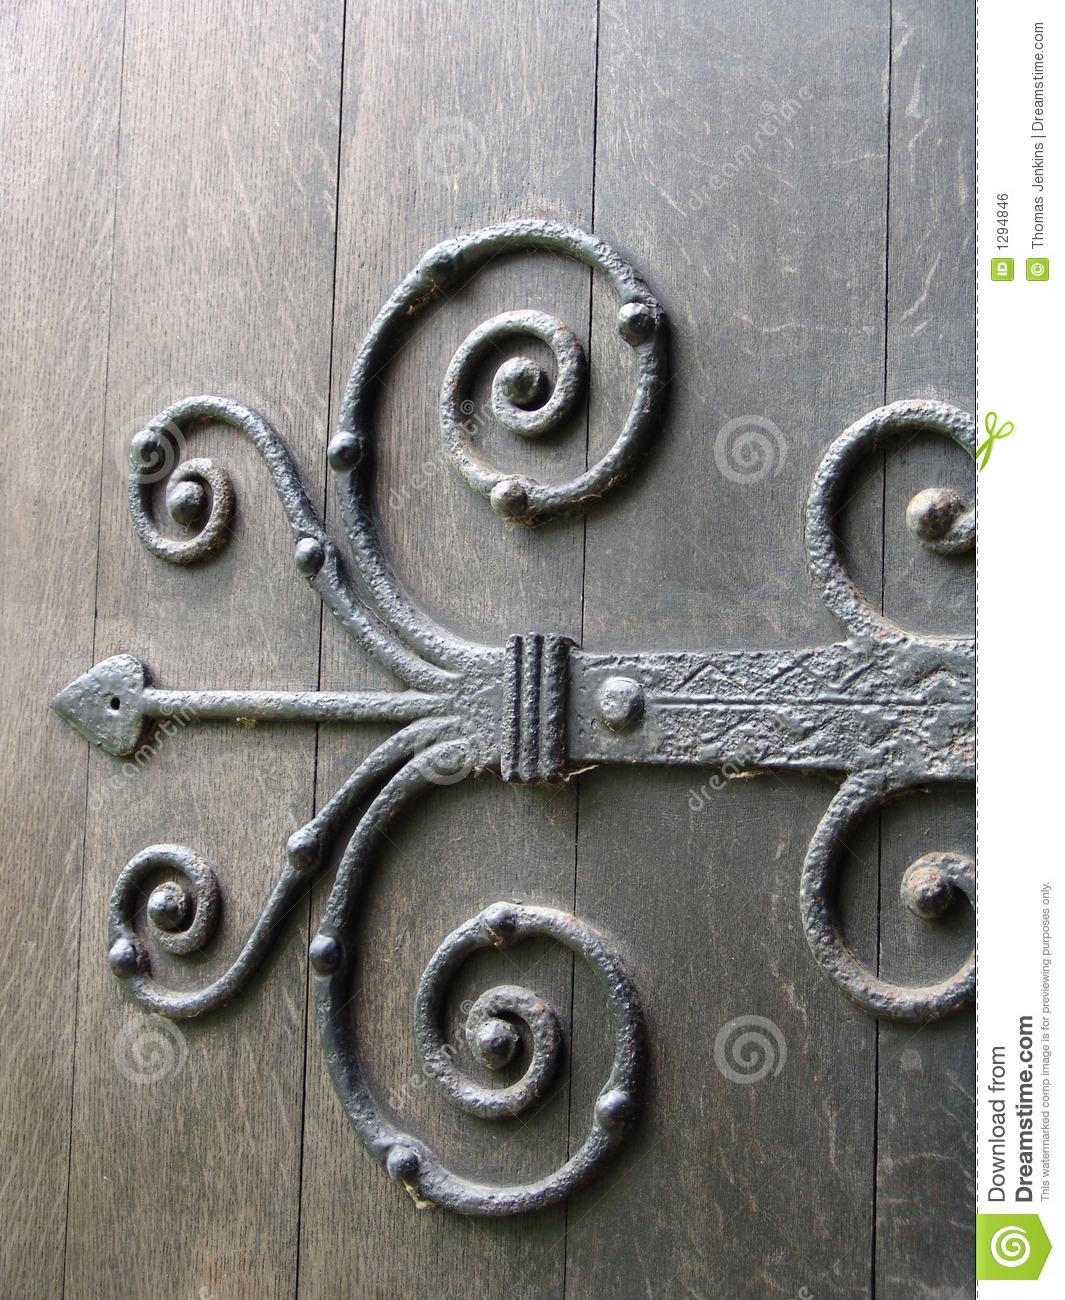 Ancient Wrought Iron Ornate Door Hinge On Old Wooden Door